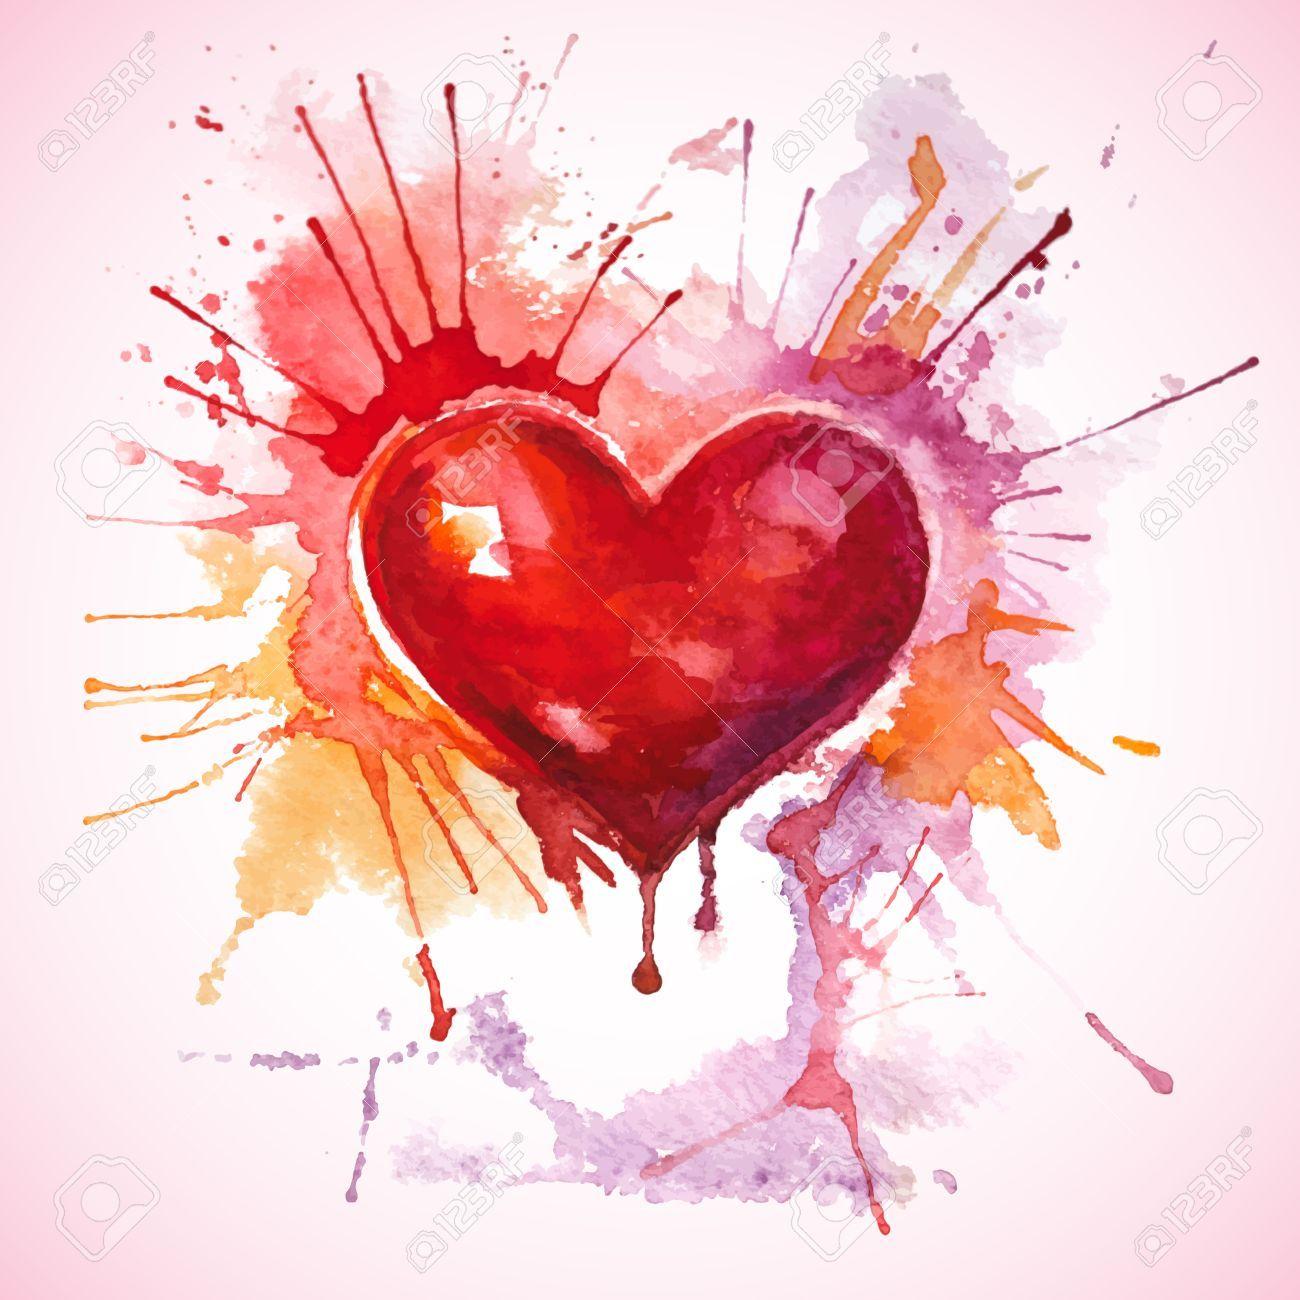 Herzen Aquarell Herz Herz Malen Schone Bilder Zeichnen